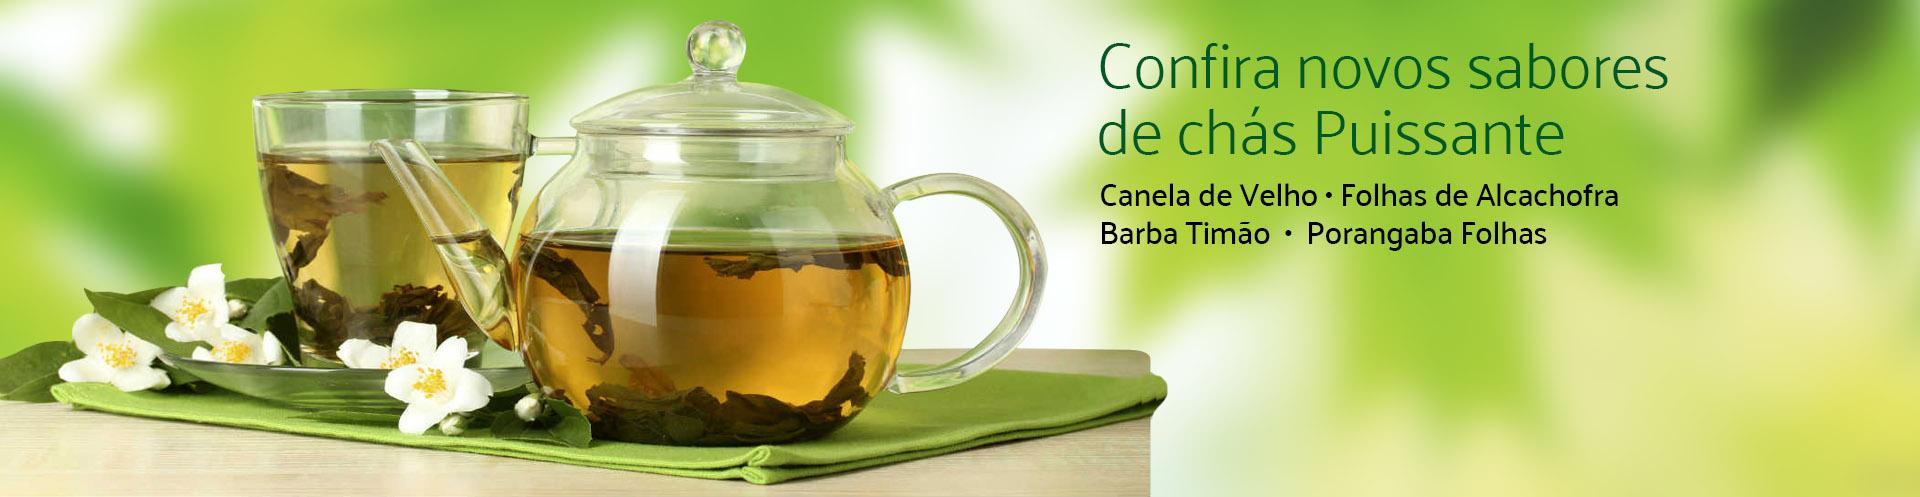 Banner chá